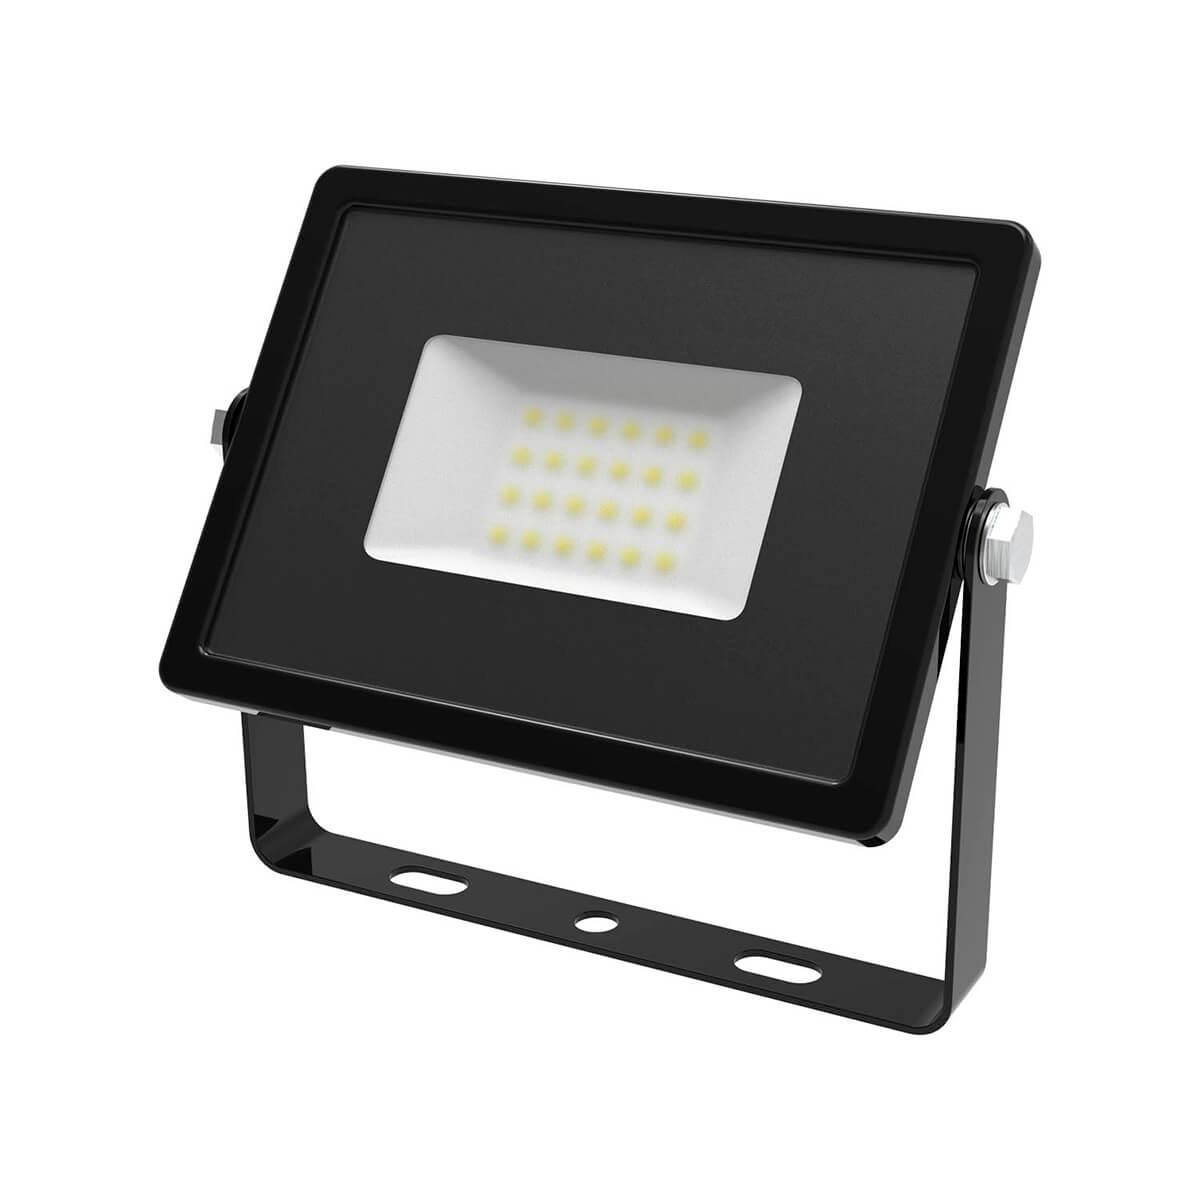 все цены на Прожектор светодиодный Gauss Qplus 20W 6500К 613511320 онлайн